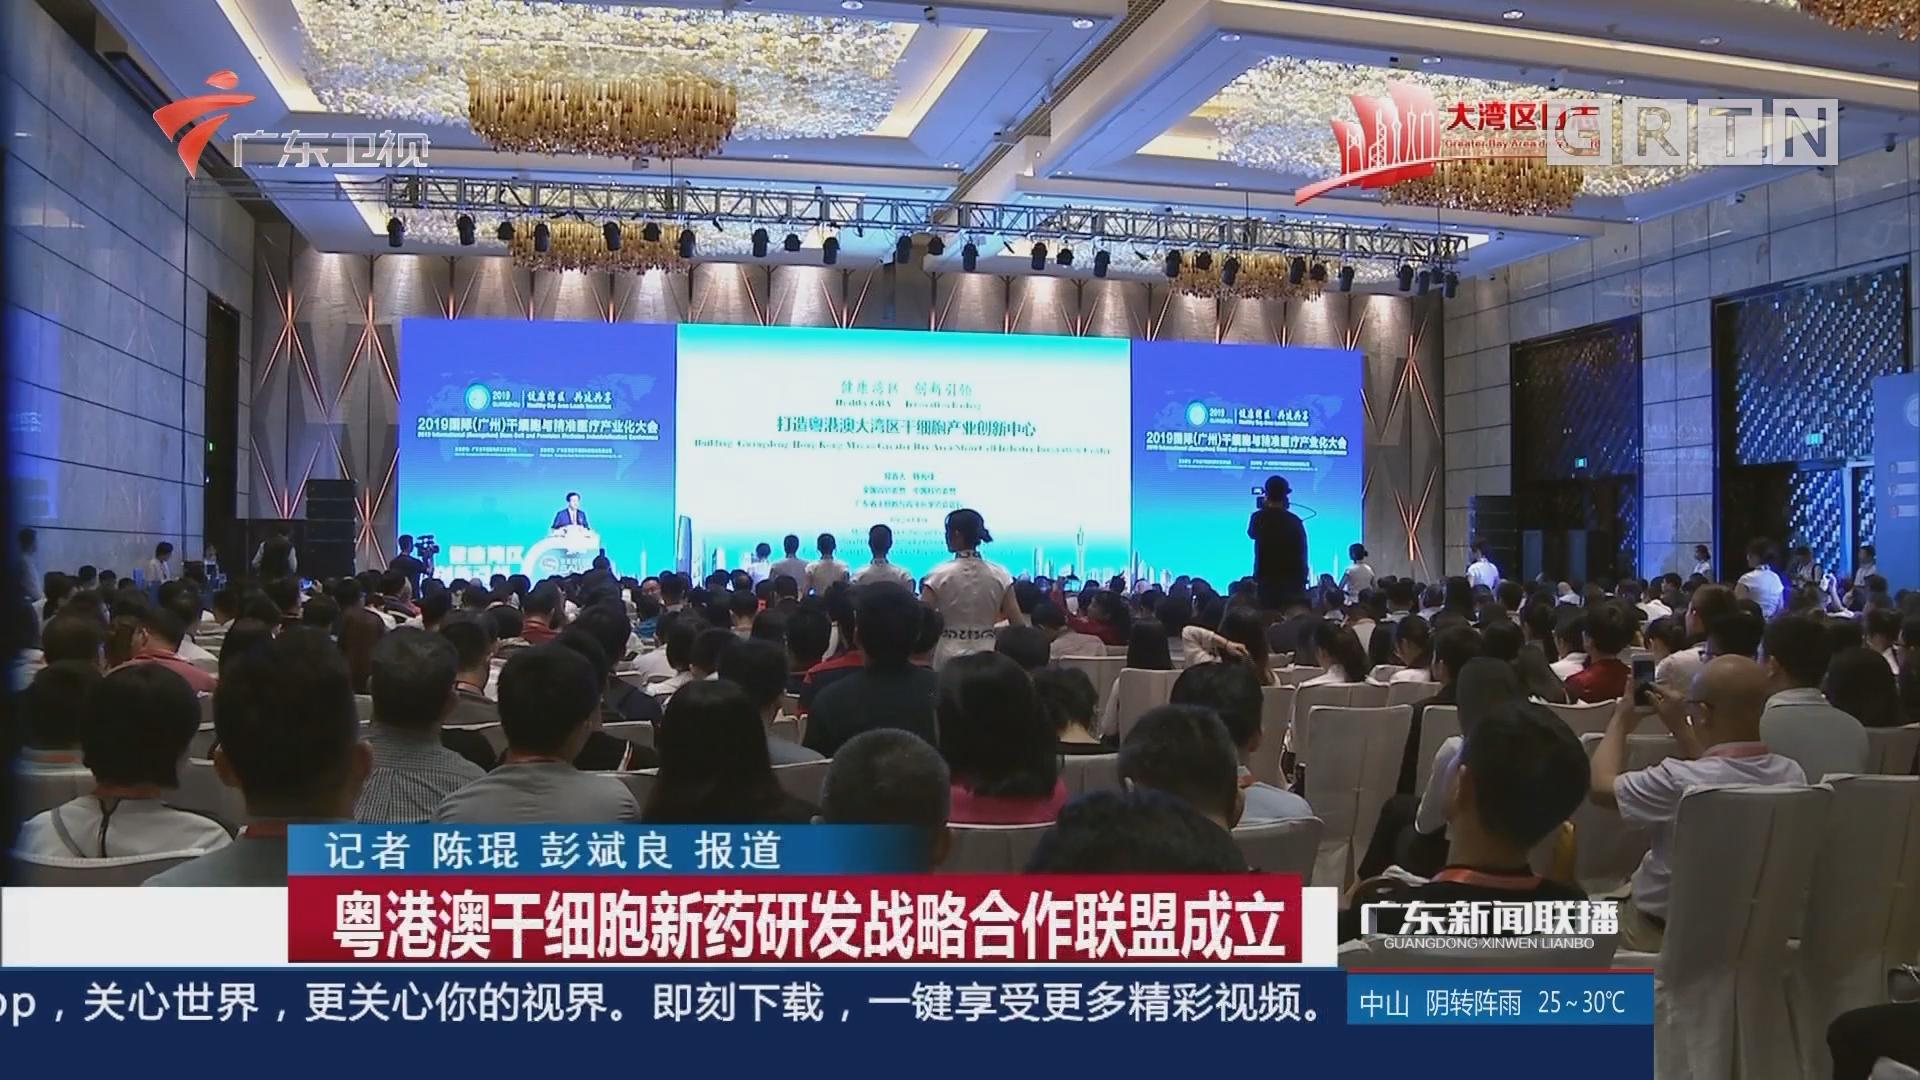 粤港澳干细胞新药研发战略合作联盟成立